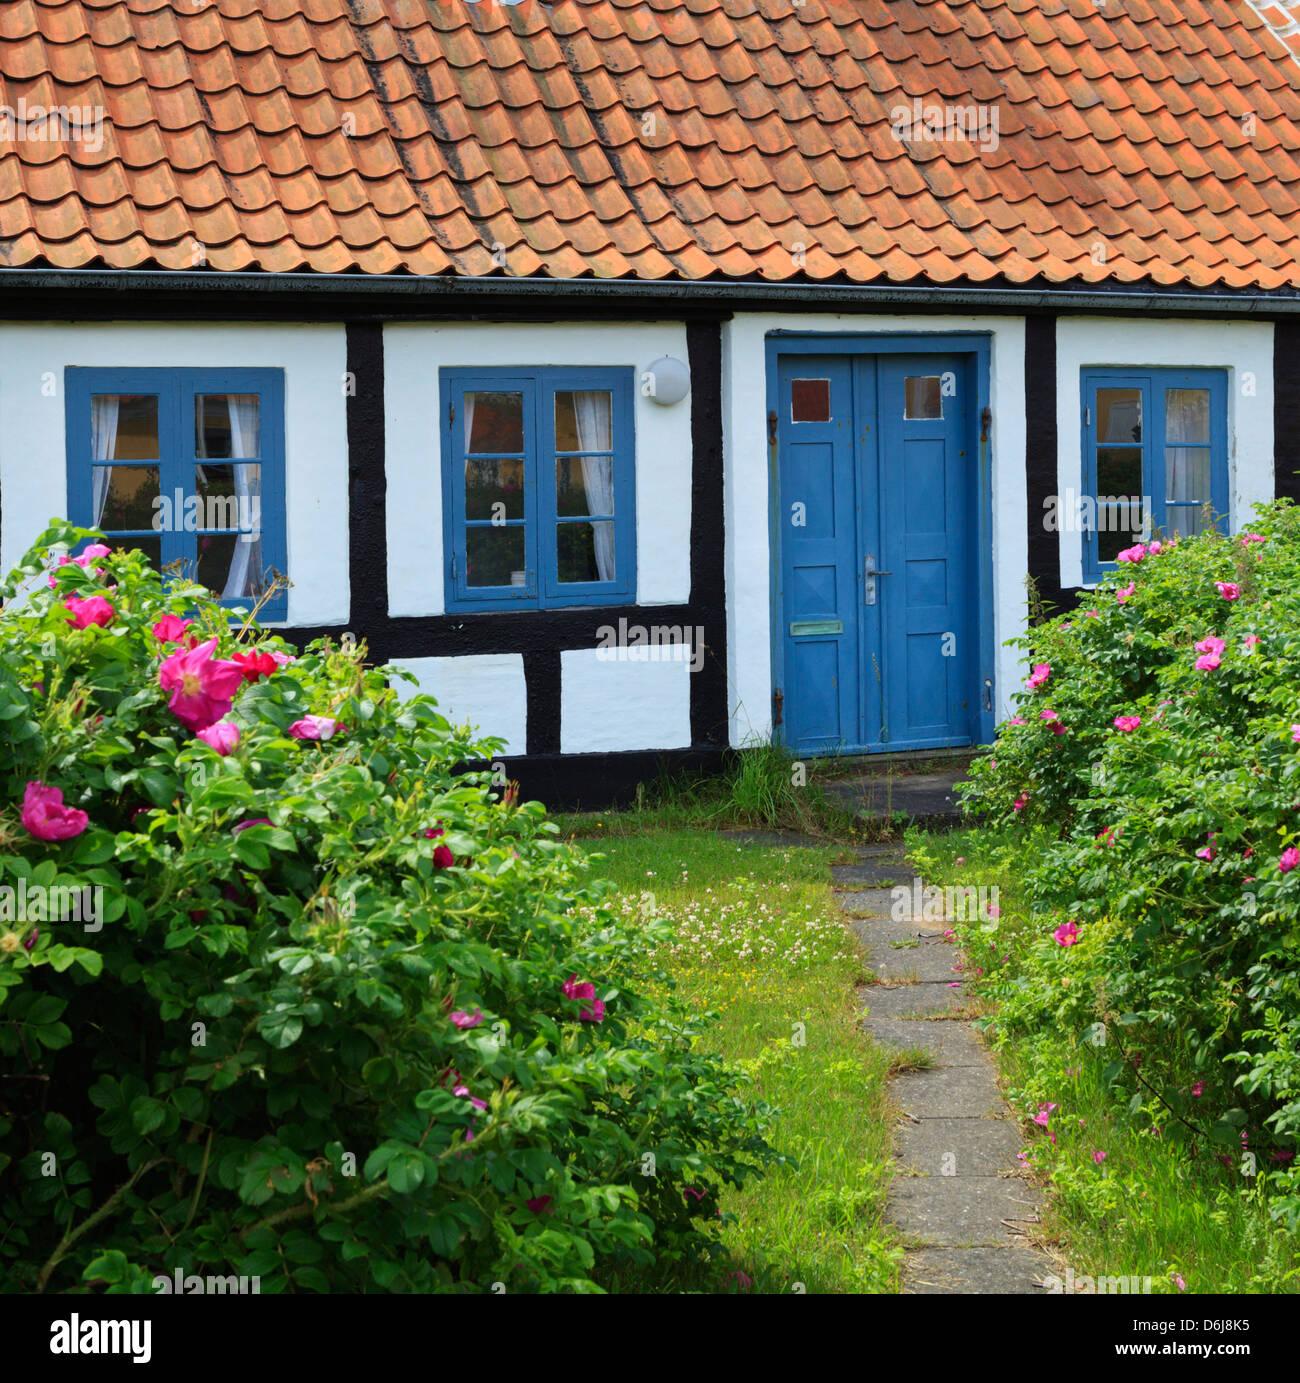 Tradizionale casa in legno e muratura, Gammel Skagen, nello Jutland, Danimarca, Scandinavia, Europa Foto Stock